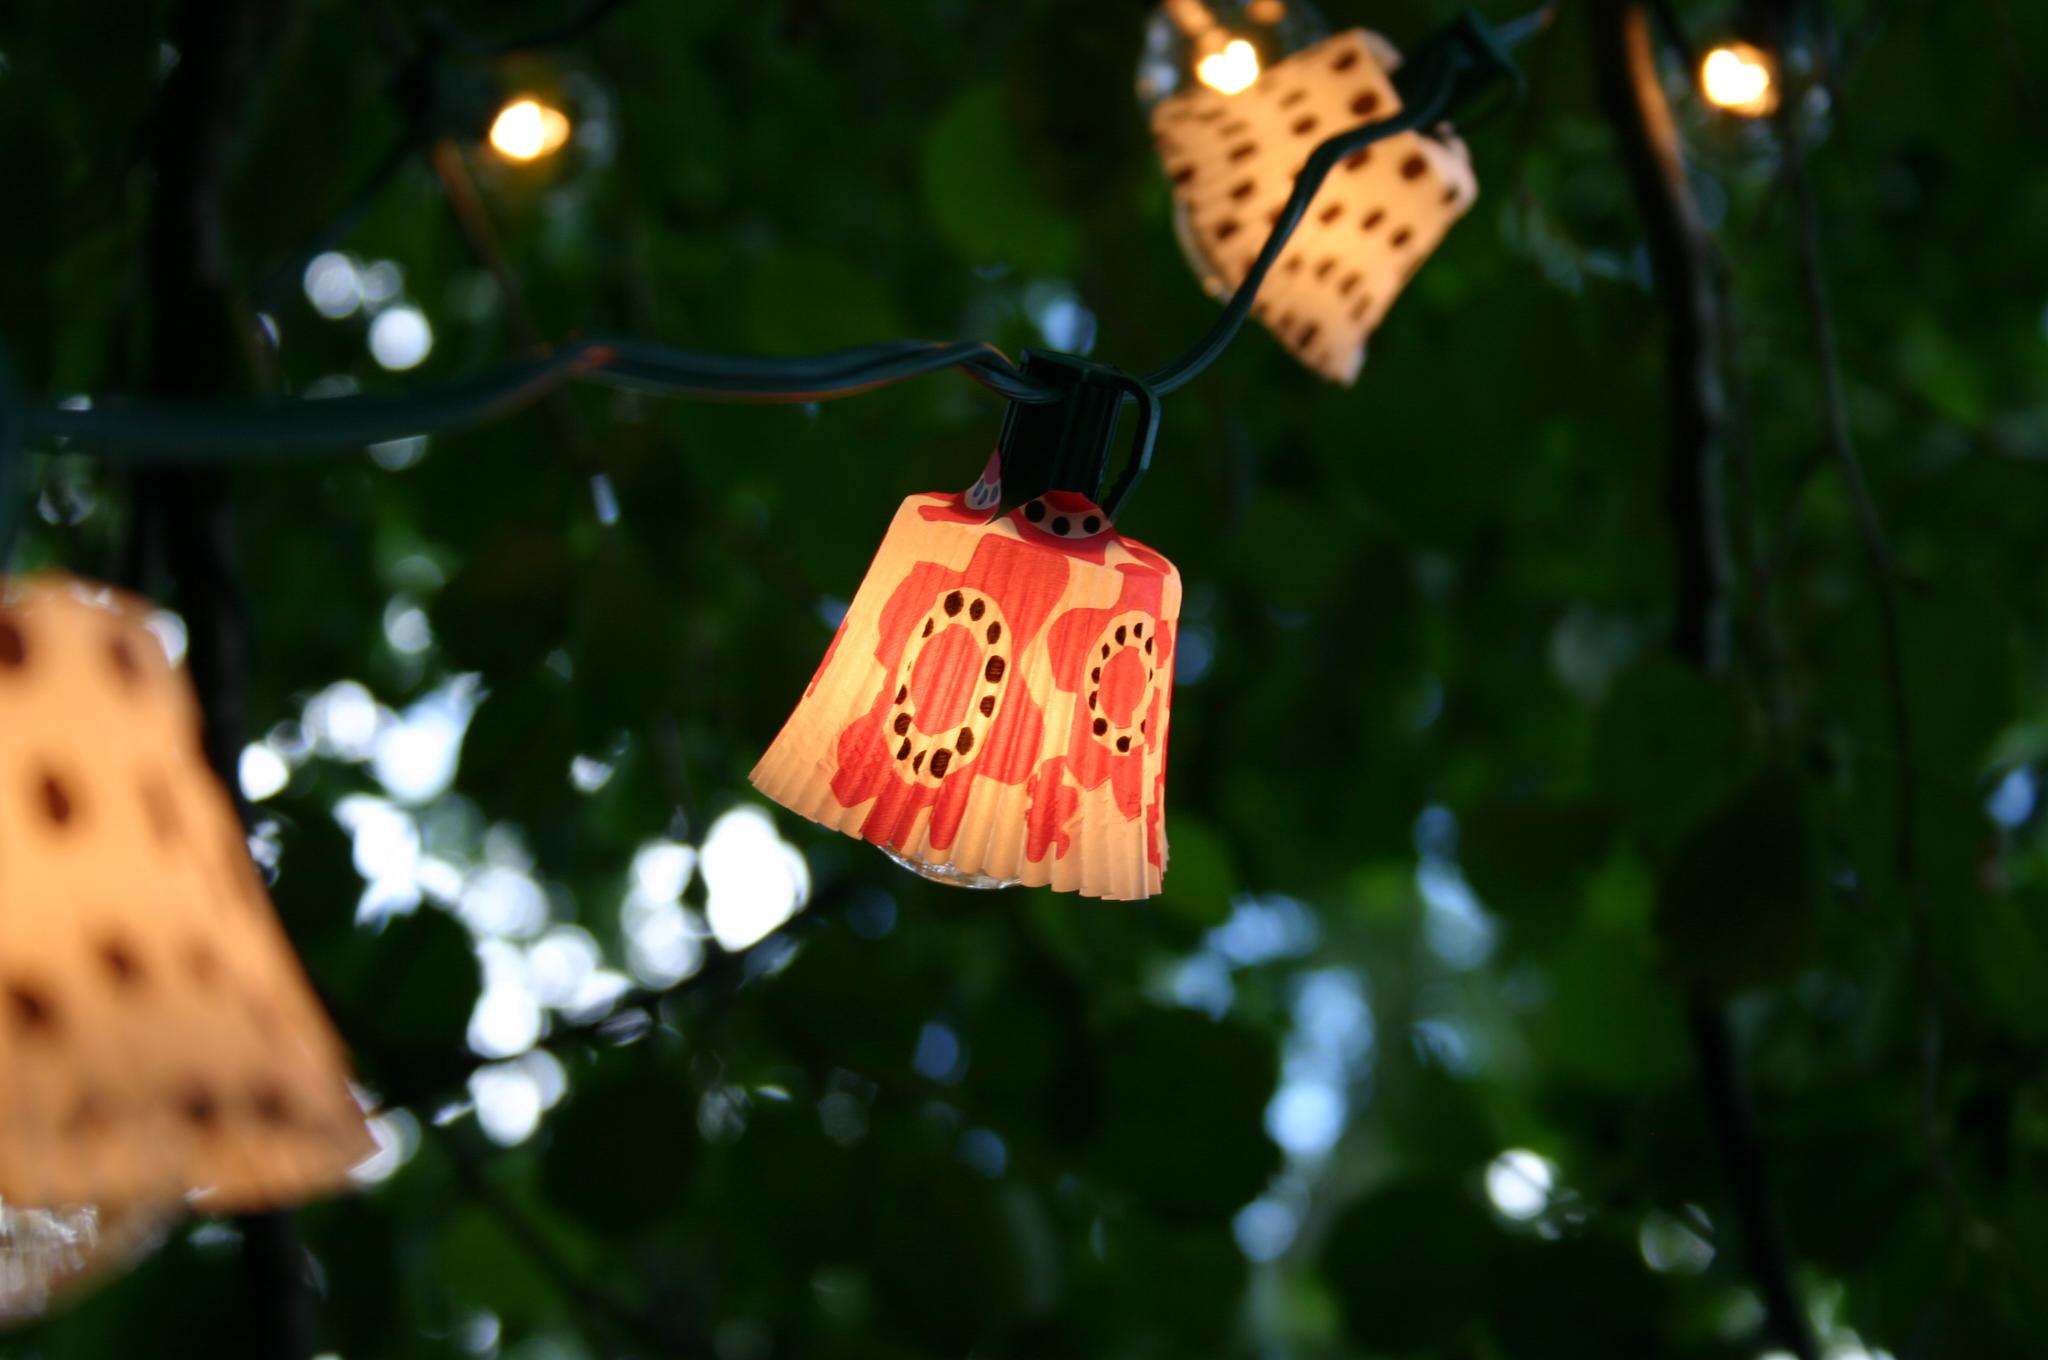 DIY Cupcake Liner Lighting Outdoor lighting